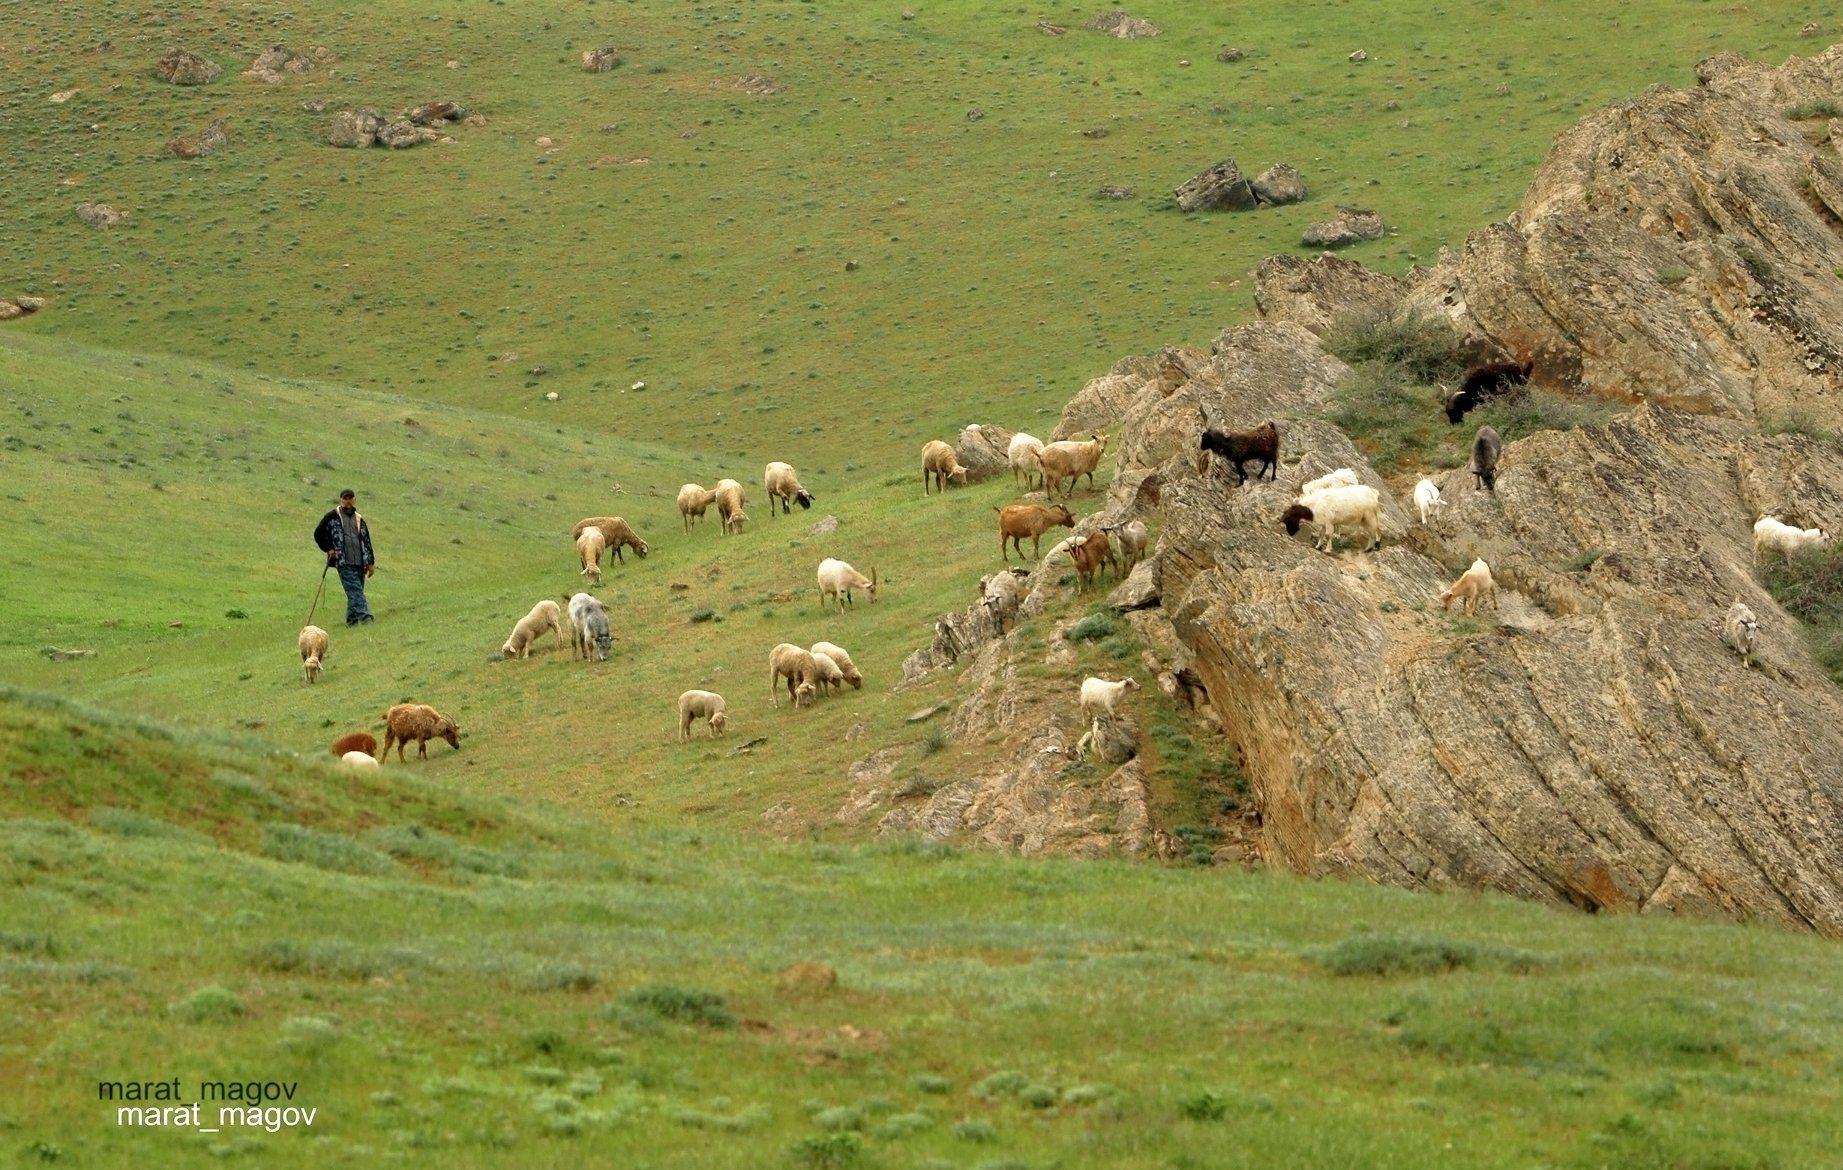 пастух,отара,горы,вершины,пейзаж,небо,деревья,дагестан,природа, Magov Marat